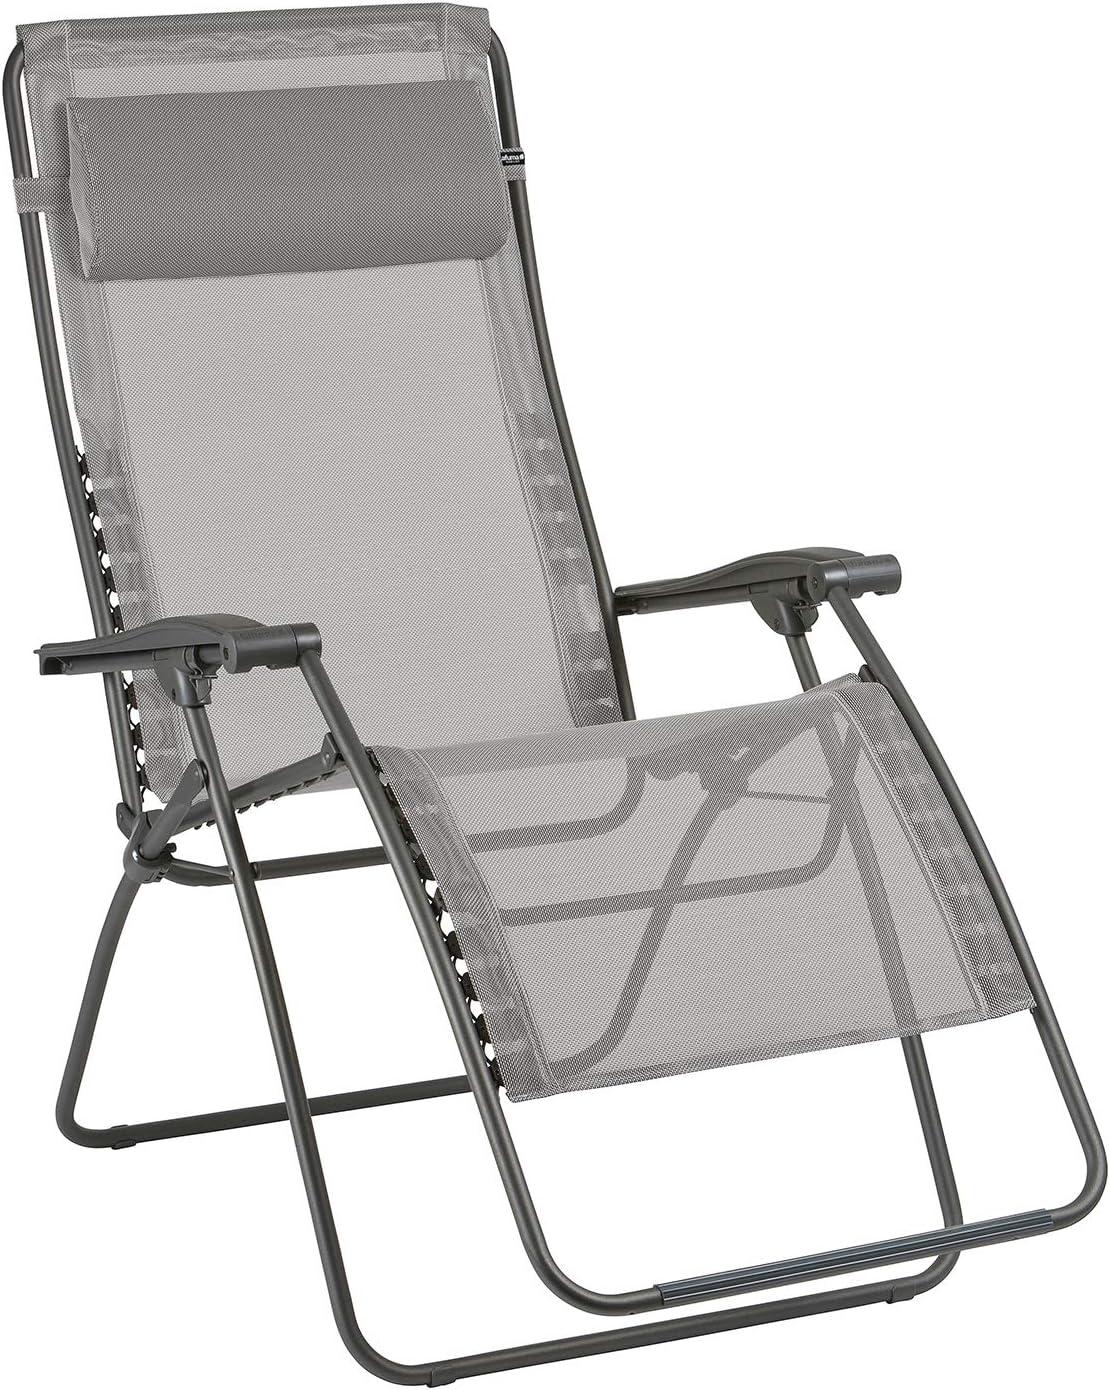 Achat fauteuil lafuma pas cher ou d'occasion   Rakuten